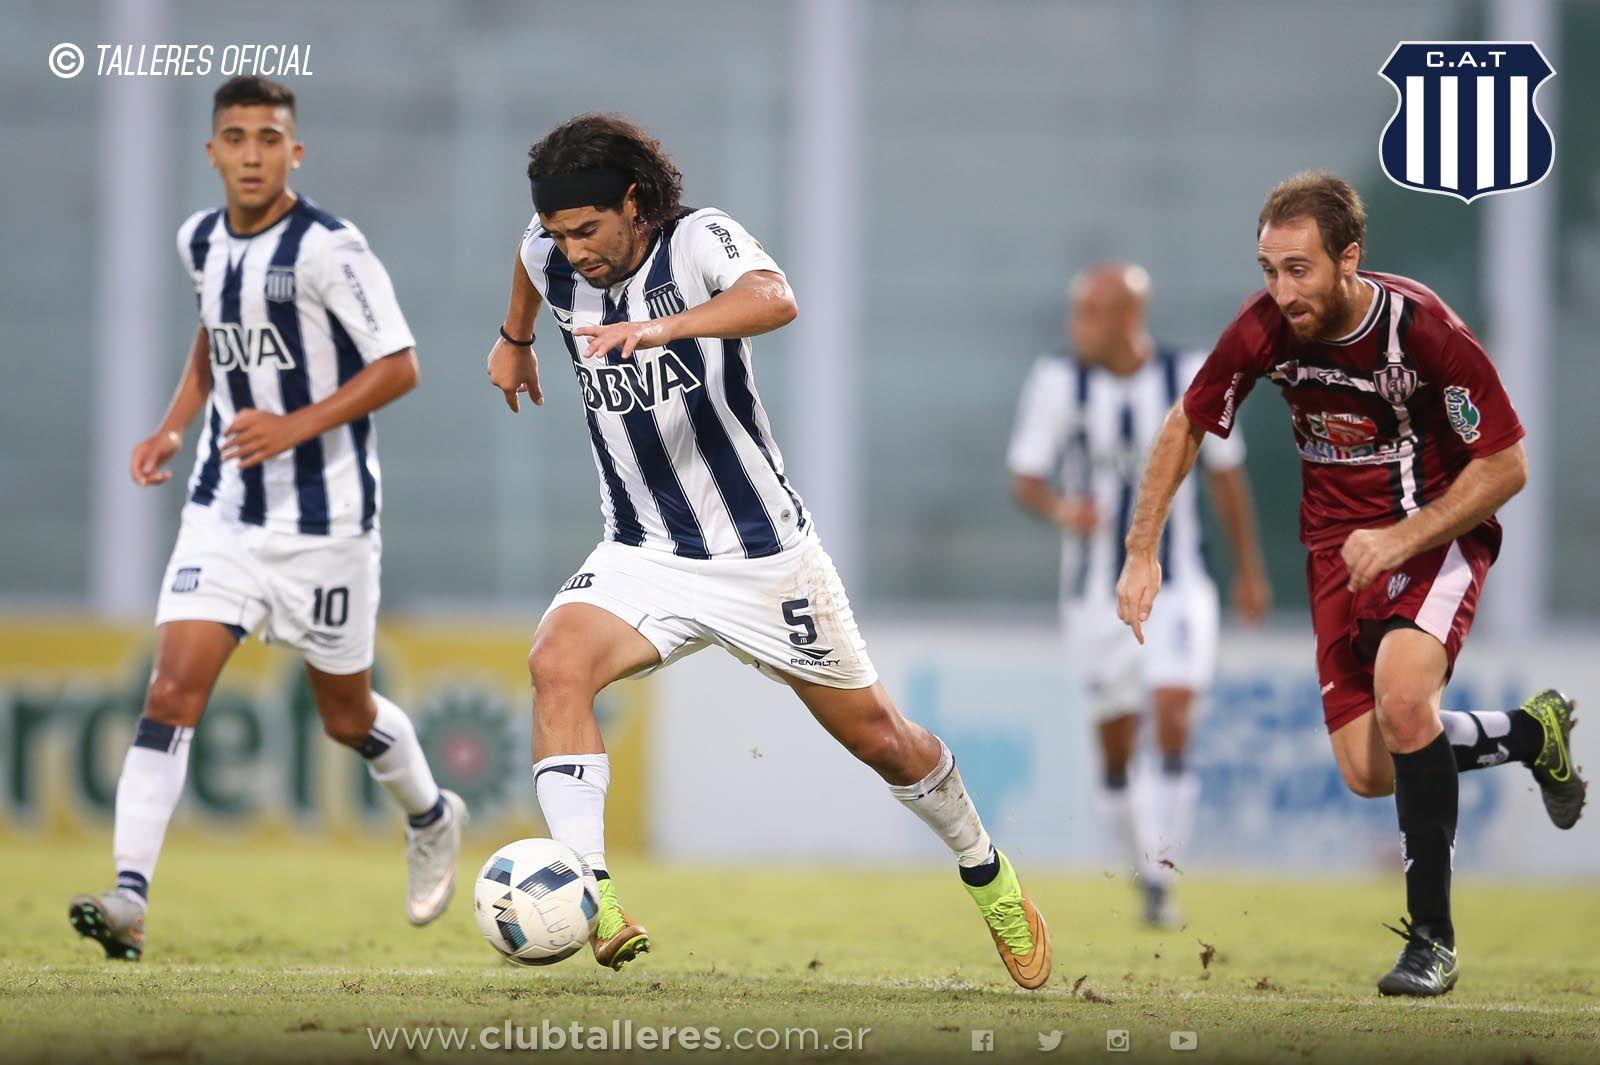 Burgos deja Talleres para jugar en Olimpia. Foto: Prensa Talleres.